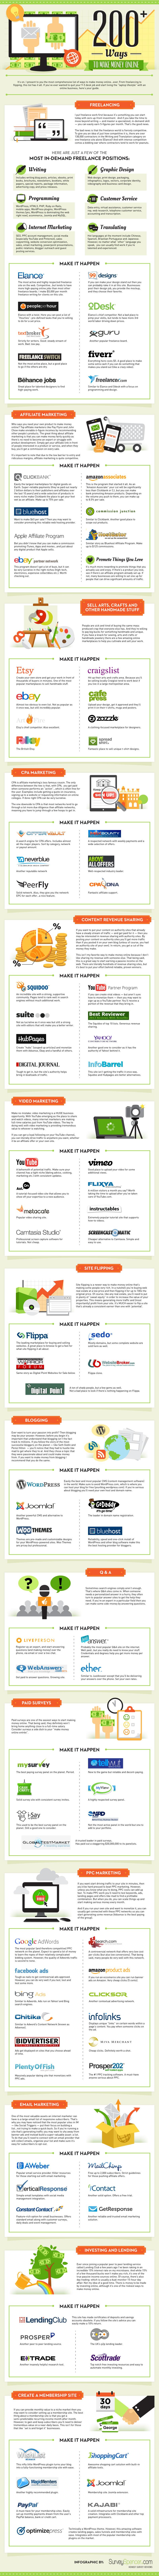 200-Ways-To-Make-Money-Online